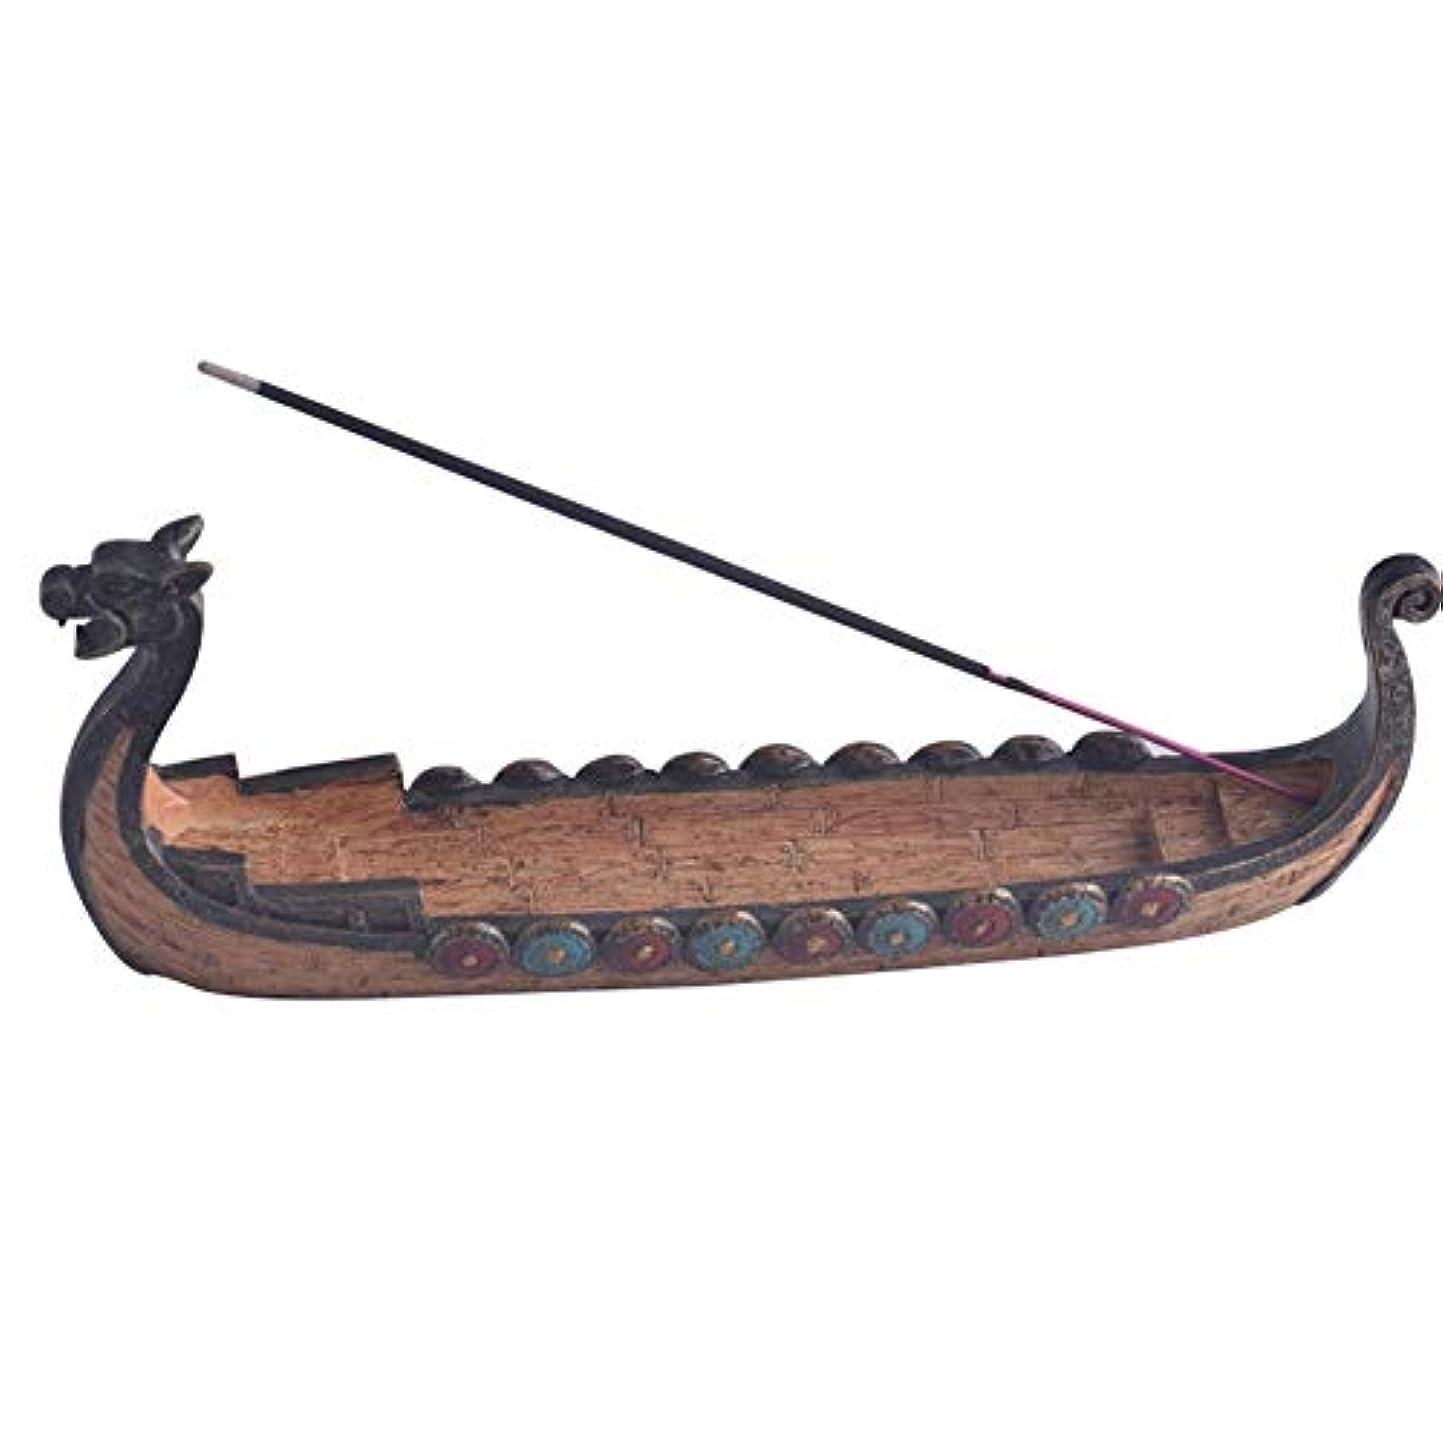 メタルライン欠伸クマノミTenflyer スティック香中国の伝統的な家の装飾のためのドラゴンボート型香炉